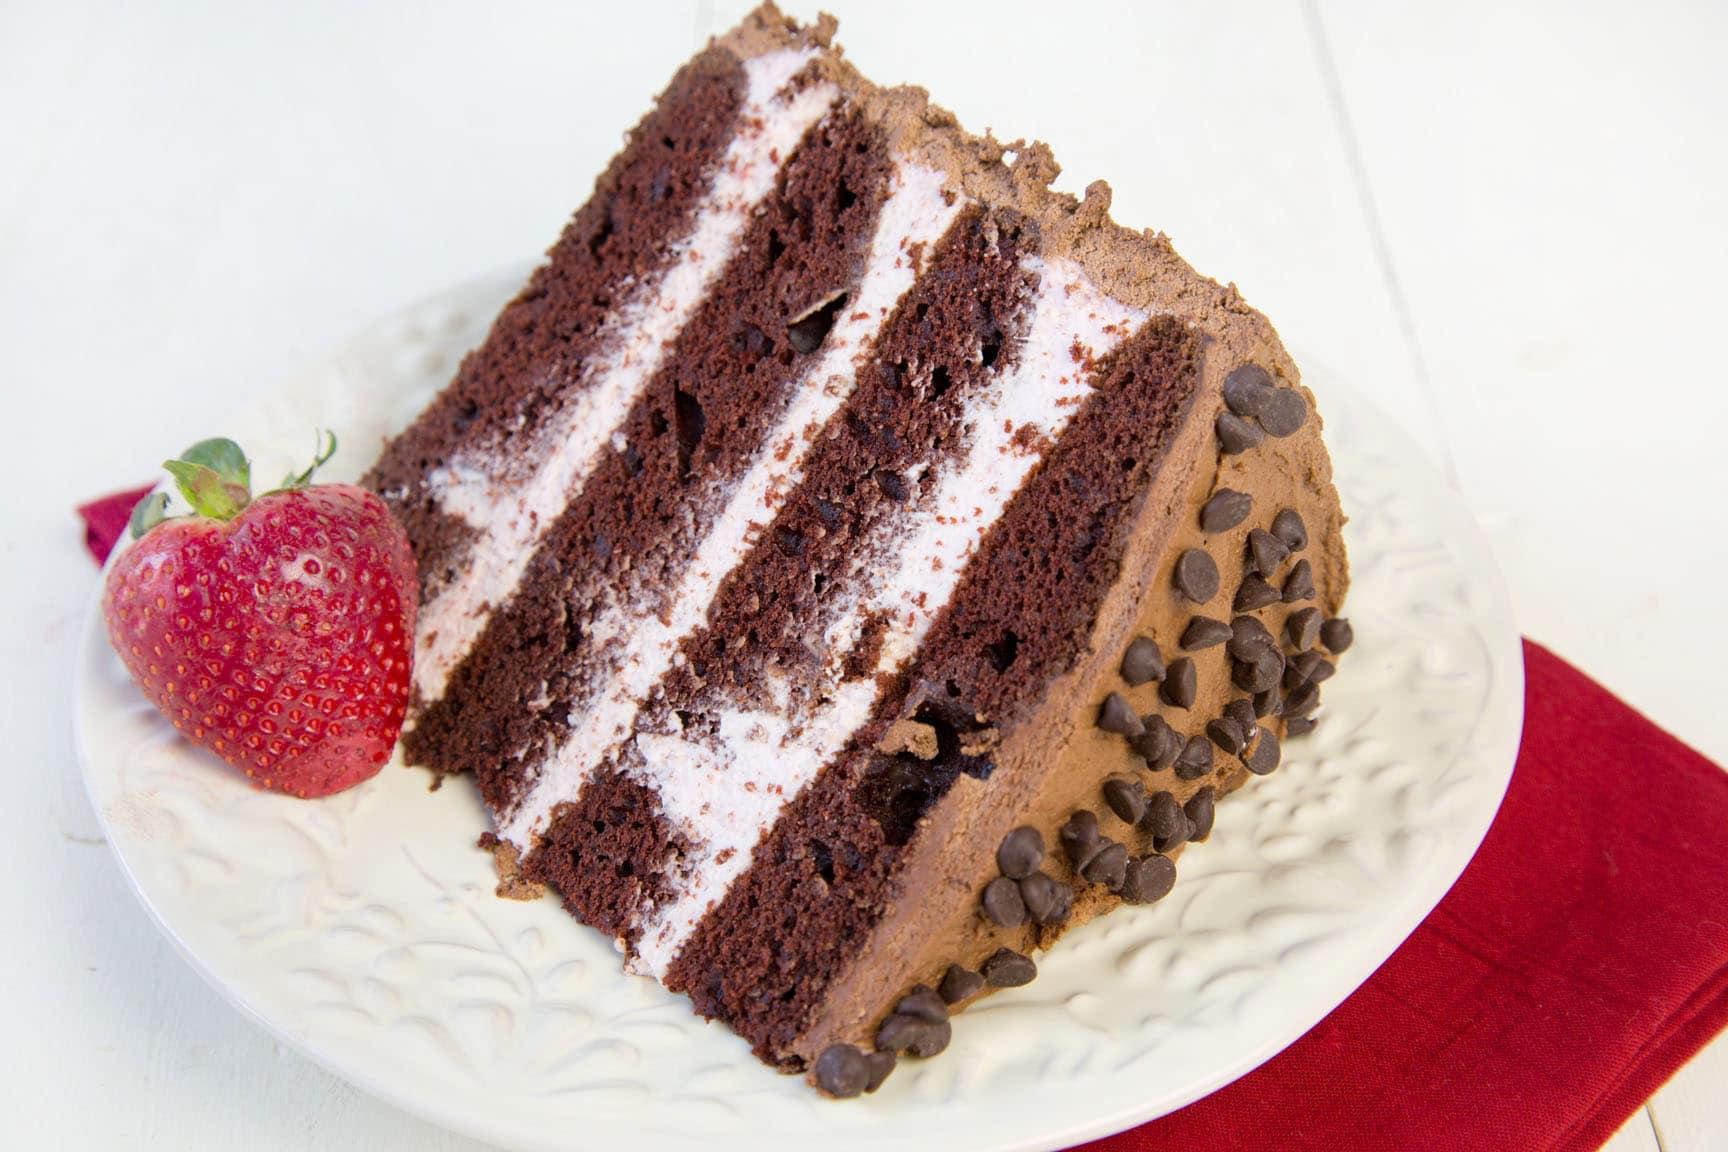 Chocolate Mousse Cake Slice Chocolate Mousse Cake slice